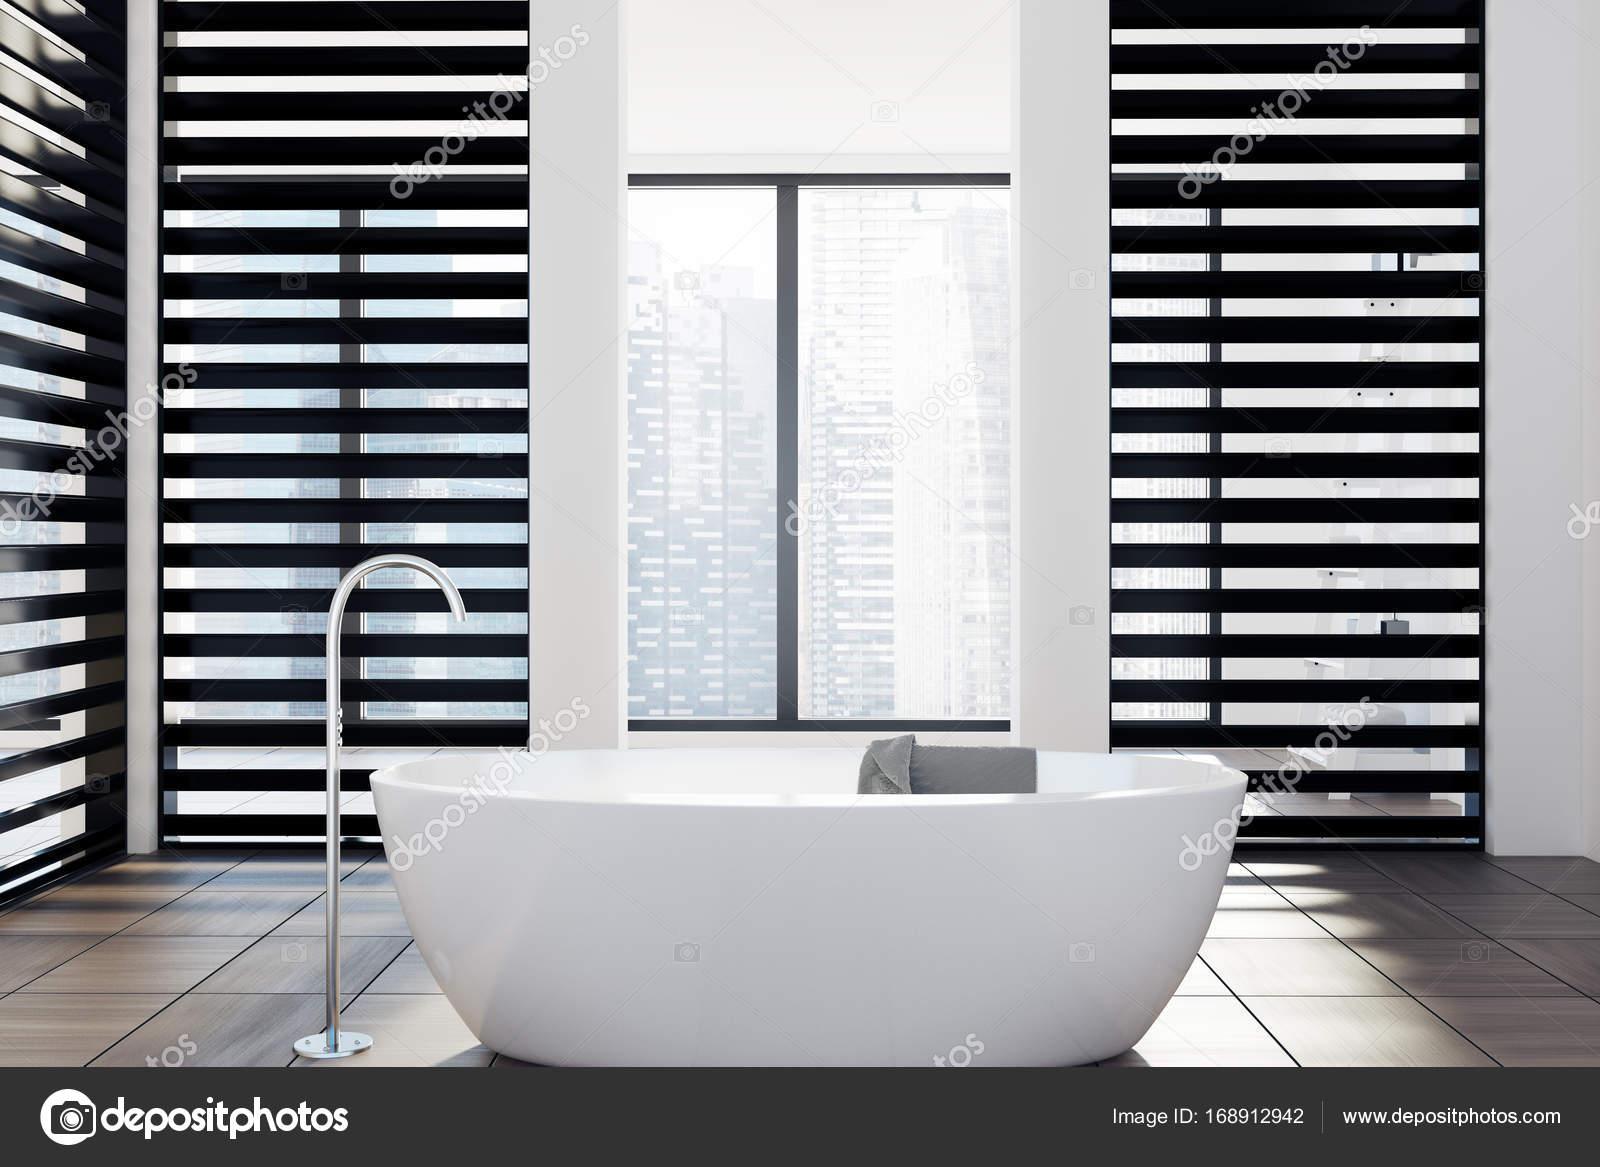 Attractive Luxus Bad Ideas Of Weiße Und Schwarze Bad, Badewanne — Stockfoto